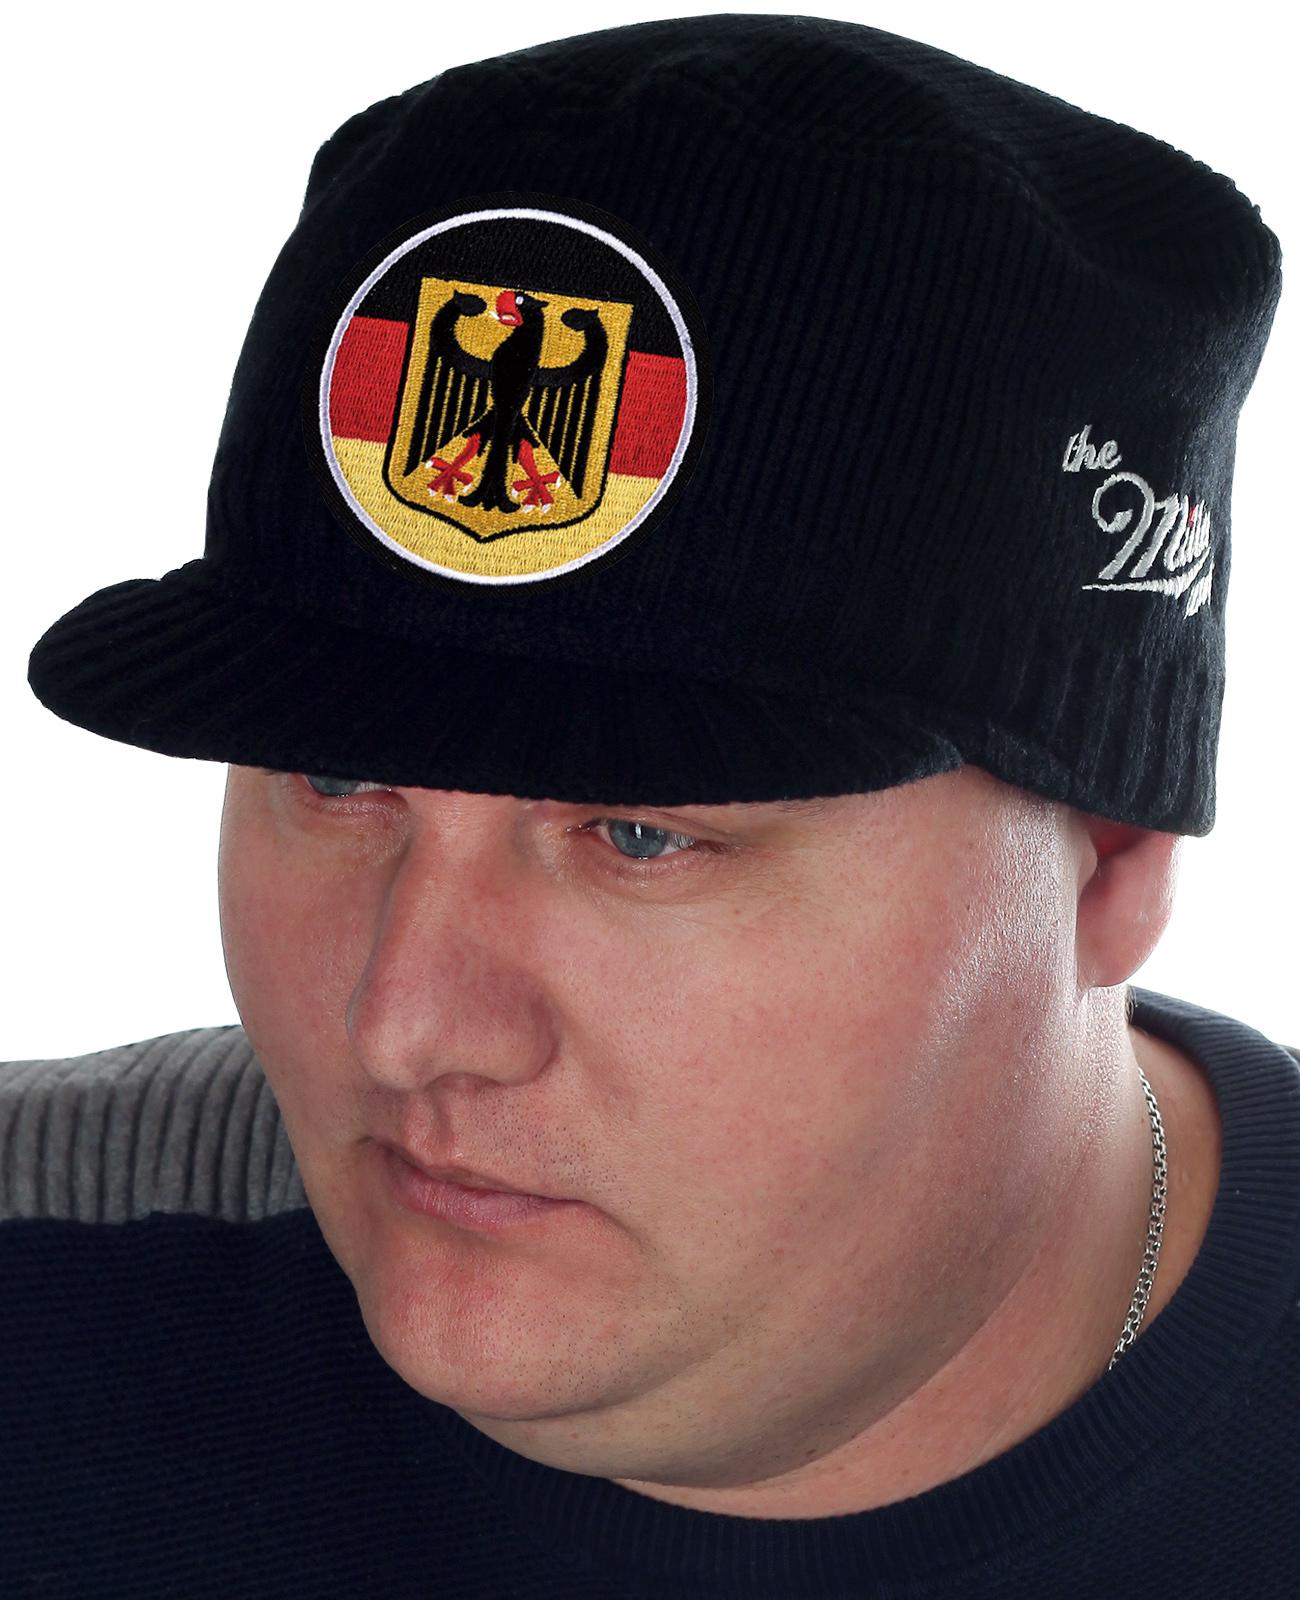 Теплая кепка-немка от бренда Miller Way с официальной символикой Федеративной Республики Германии. Смесовый износостойкий материал, мелкая вязка, подходящая плотность для холодной погоды